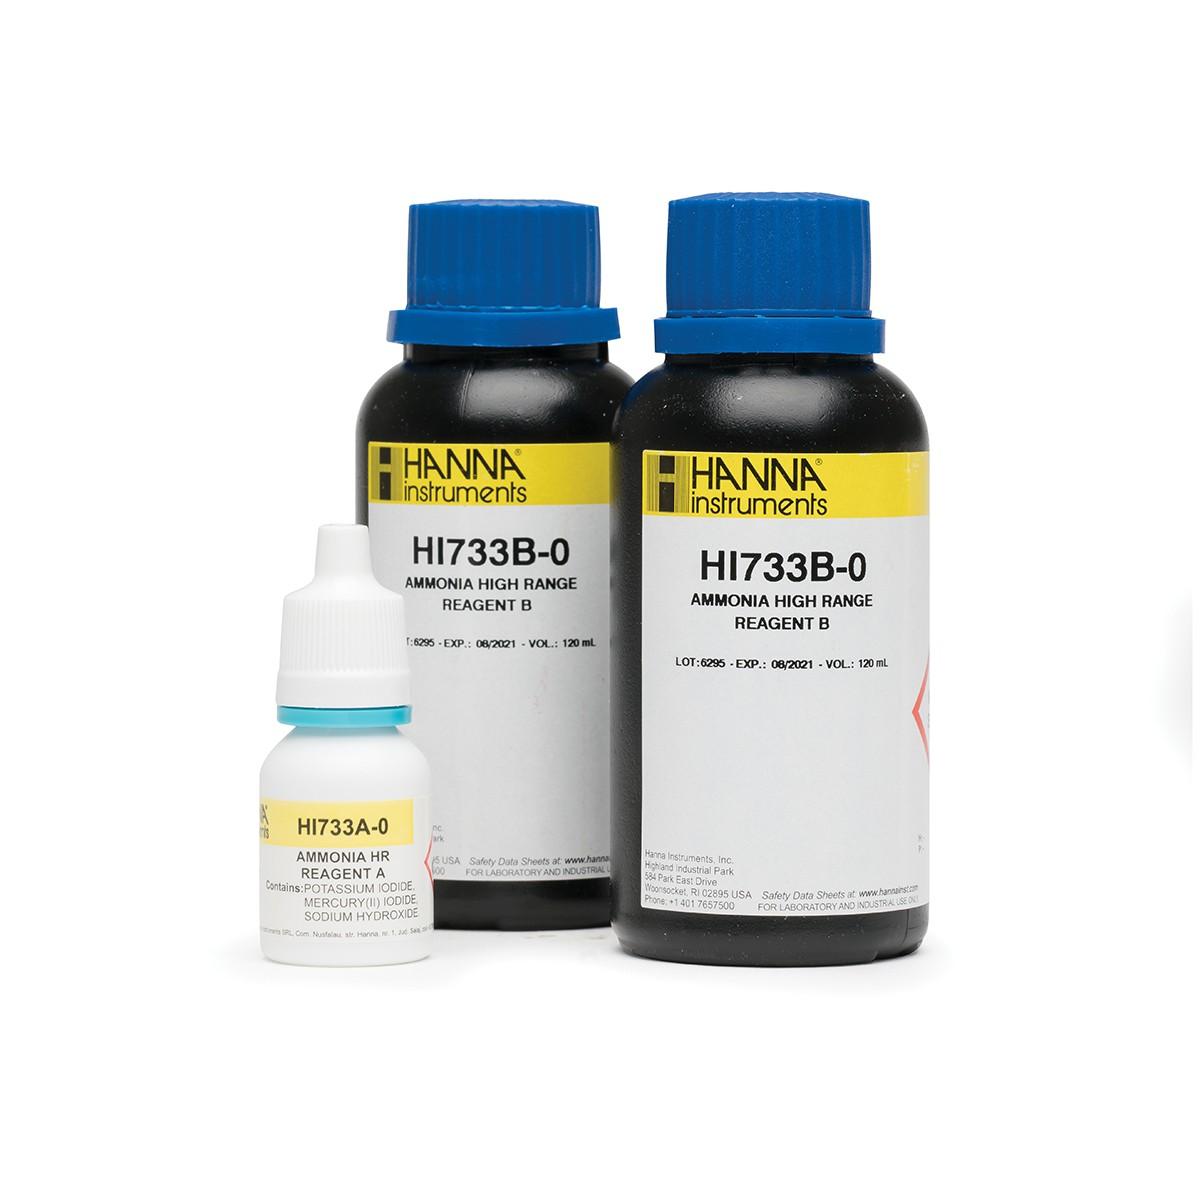 Thuốc Thử Amoni Thang Cao Dùng Cho HI733 (25 lần) HI733-25